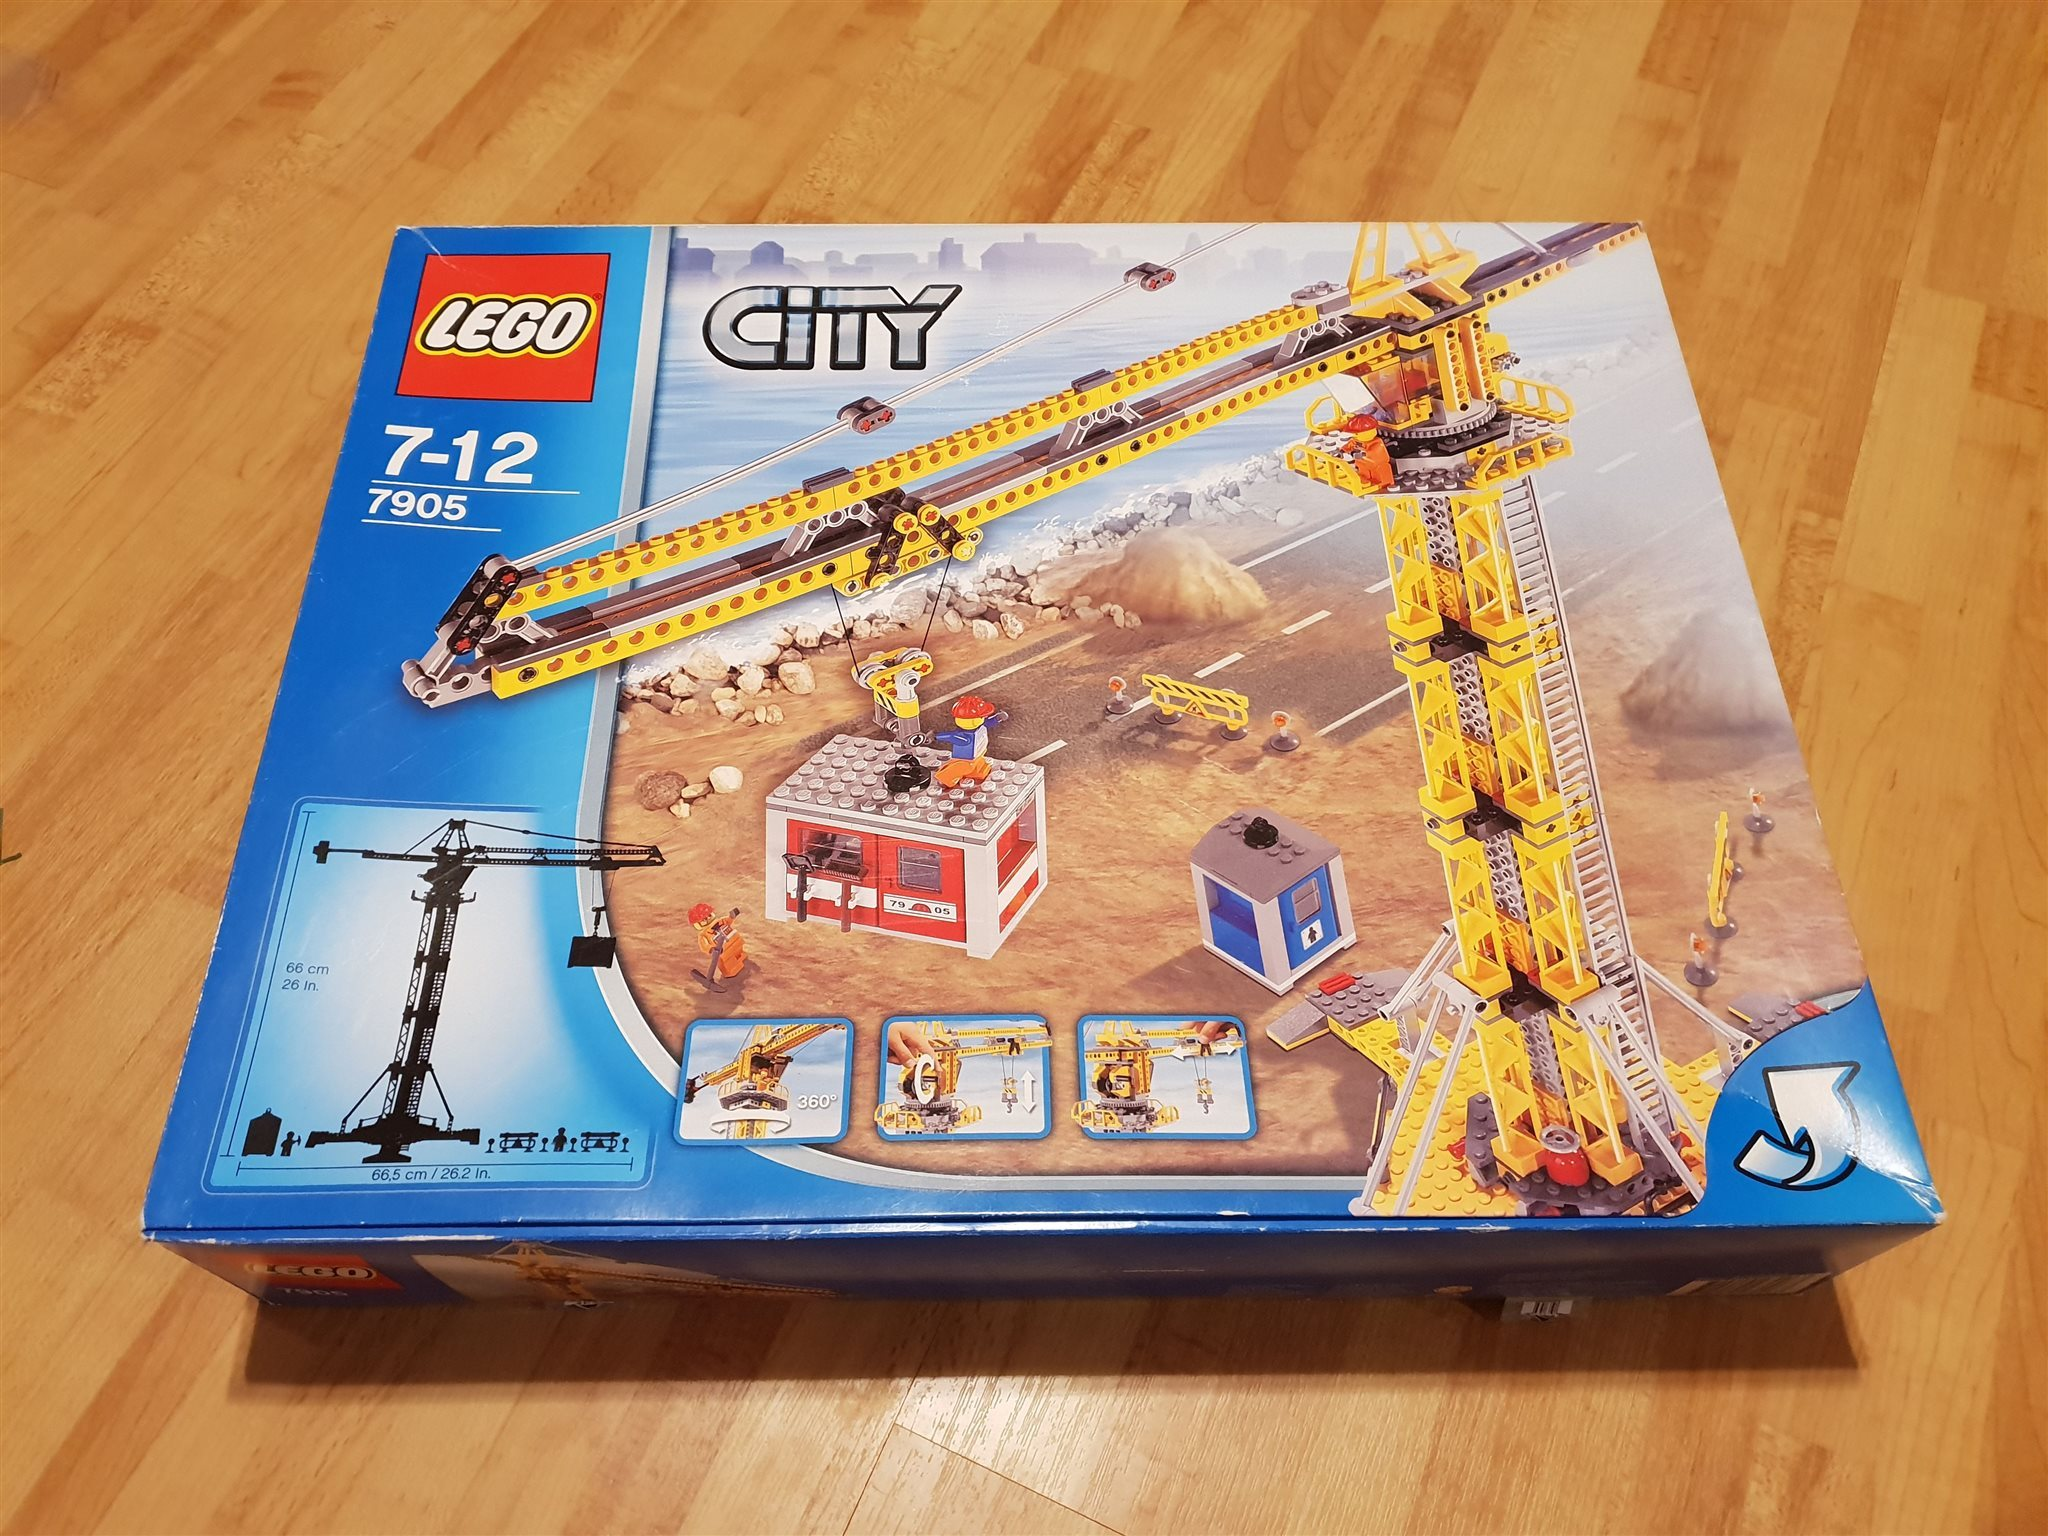 LEGO City 7905